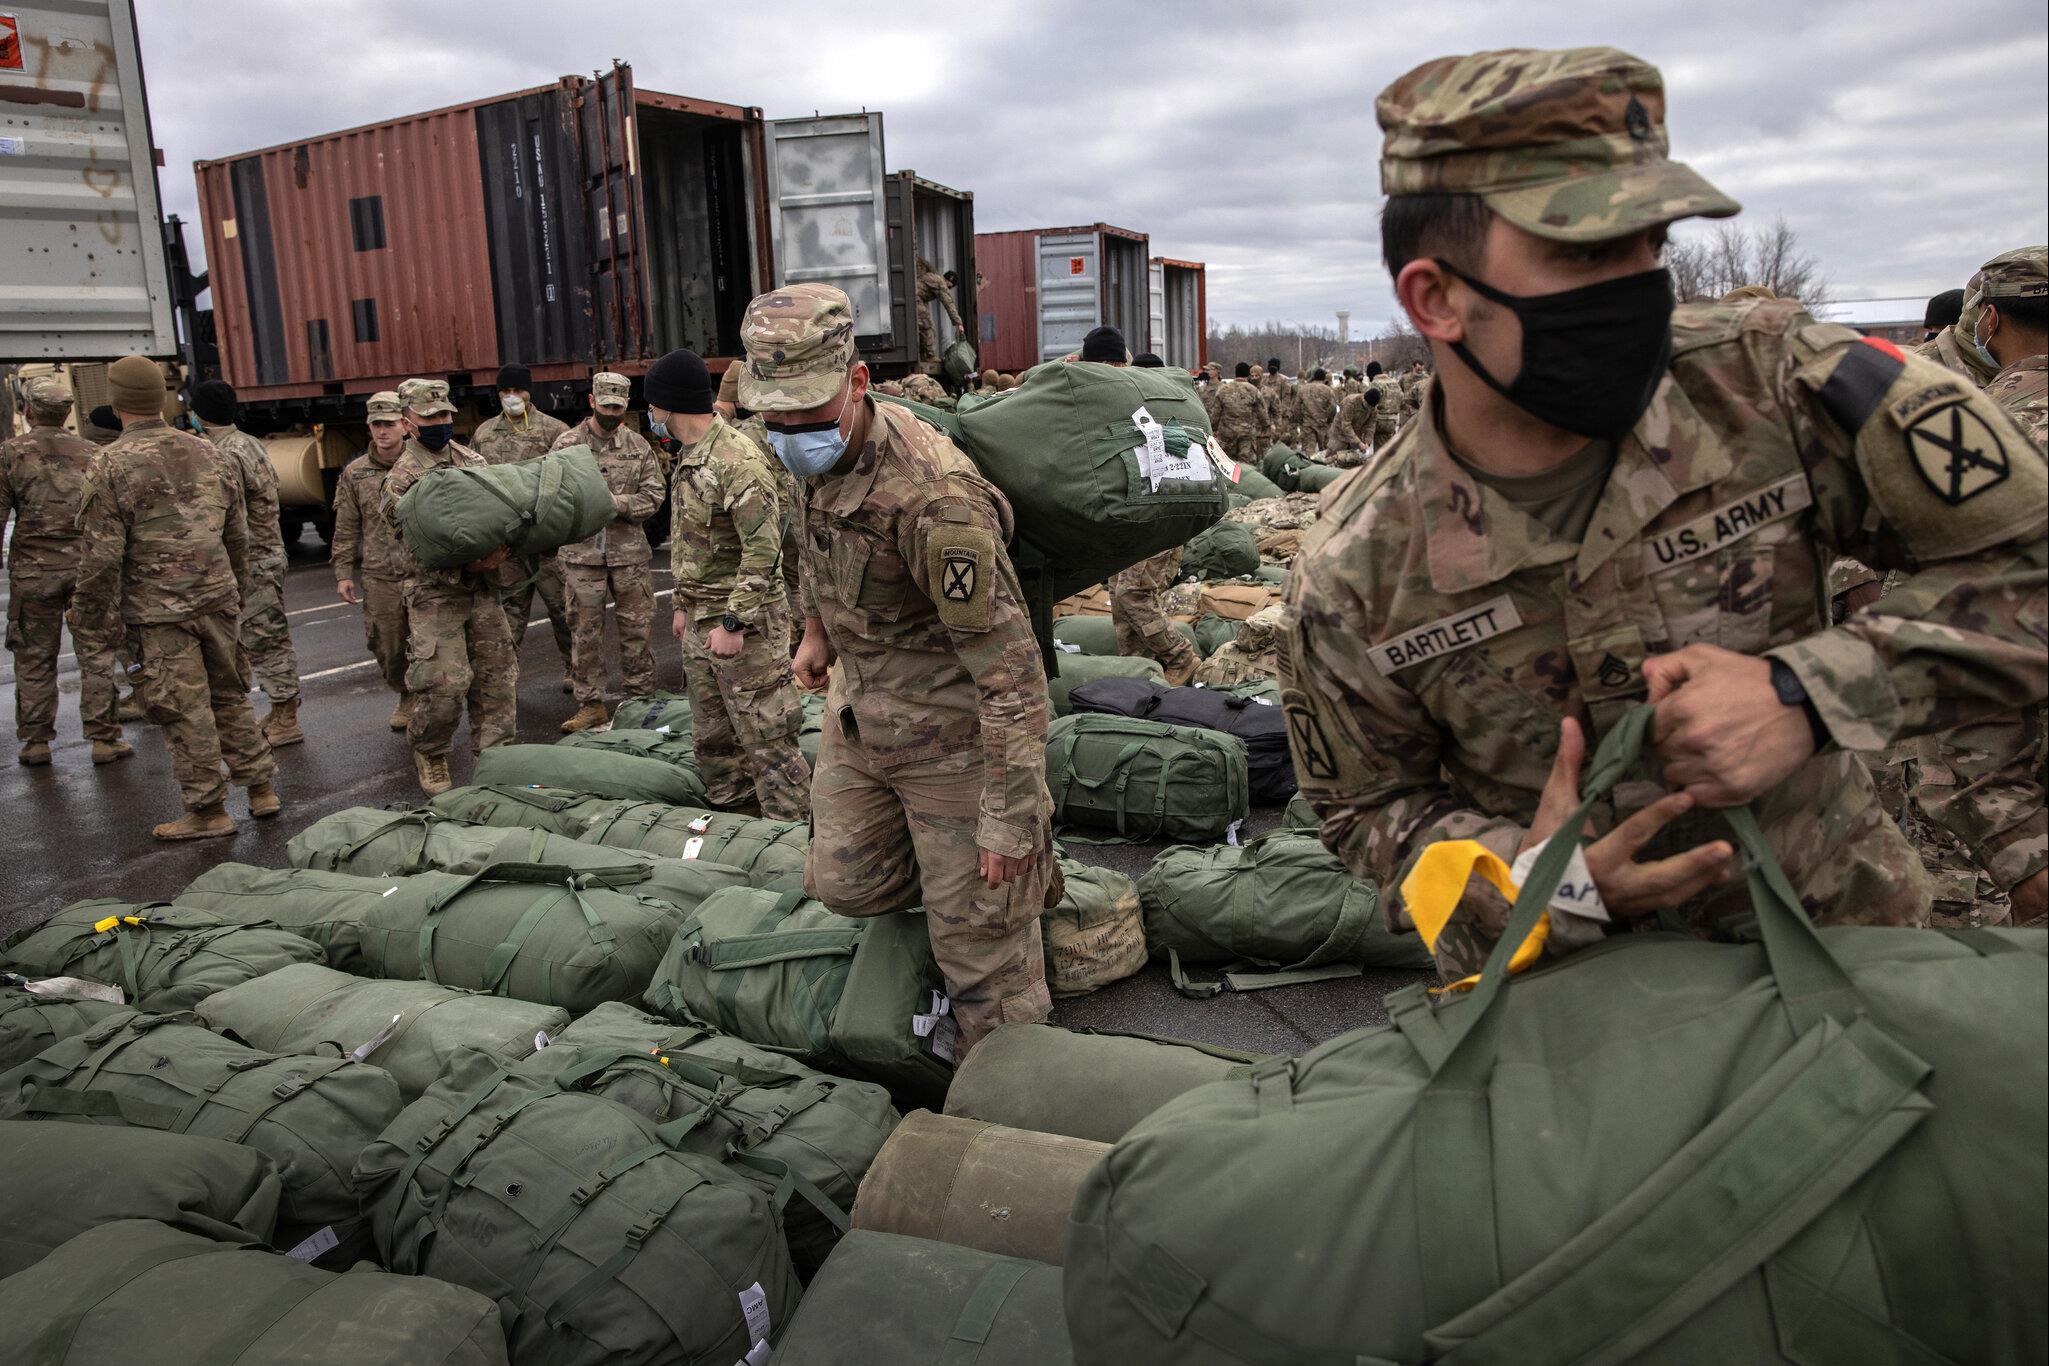 رأي التحرير: ملامح الانسحاب الأمريكي من أفغانستان